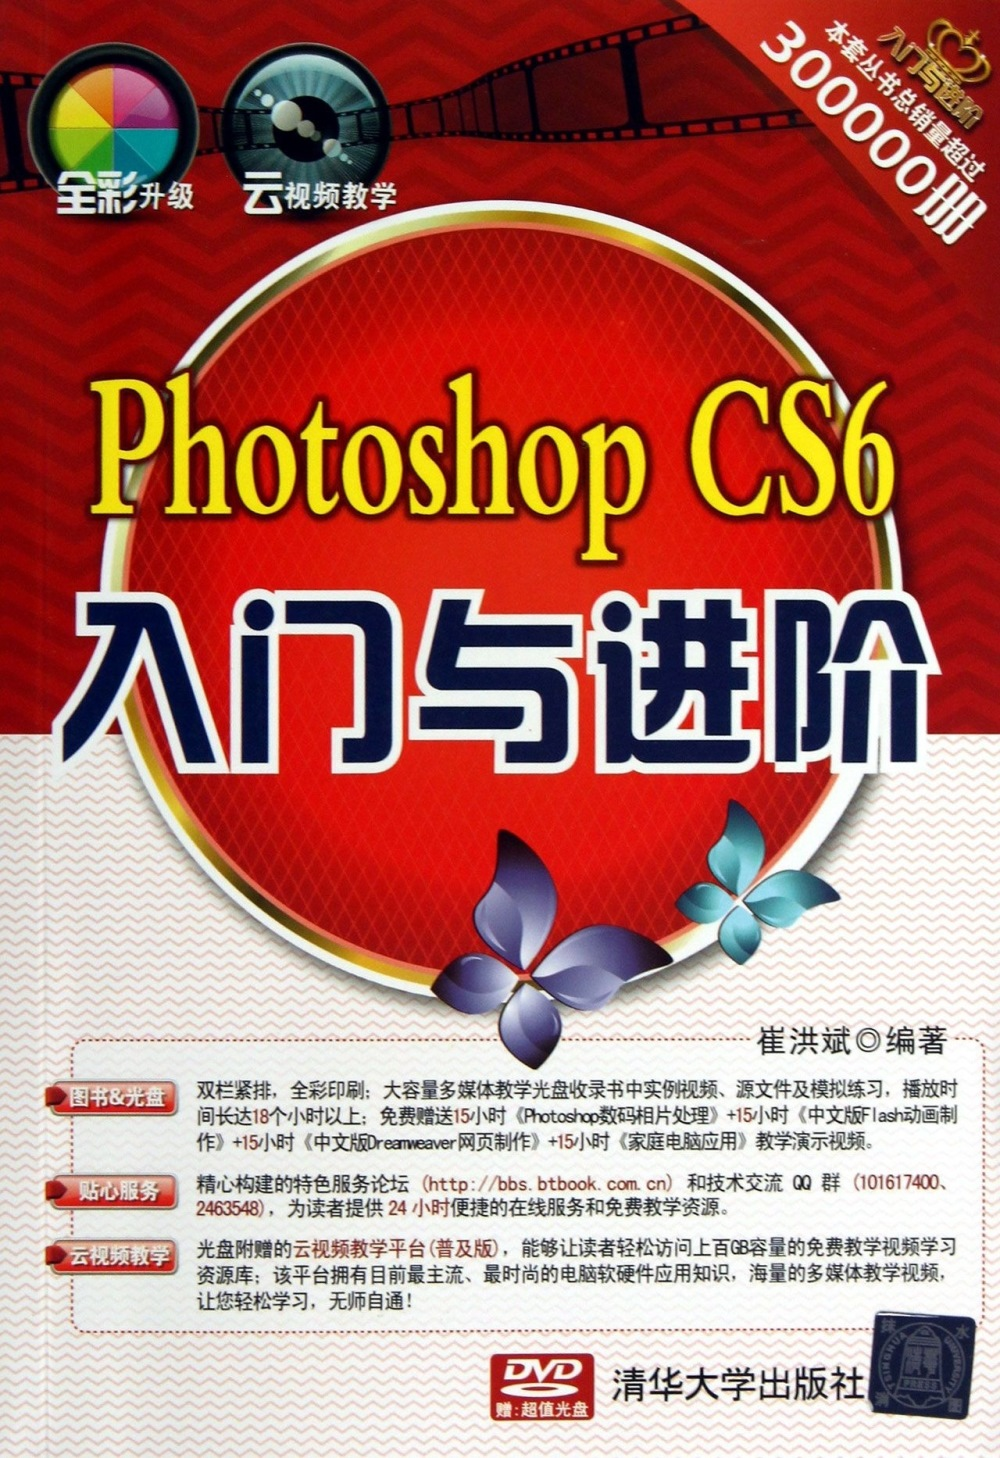 Photoshop CS6 入門與進階